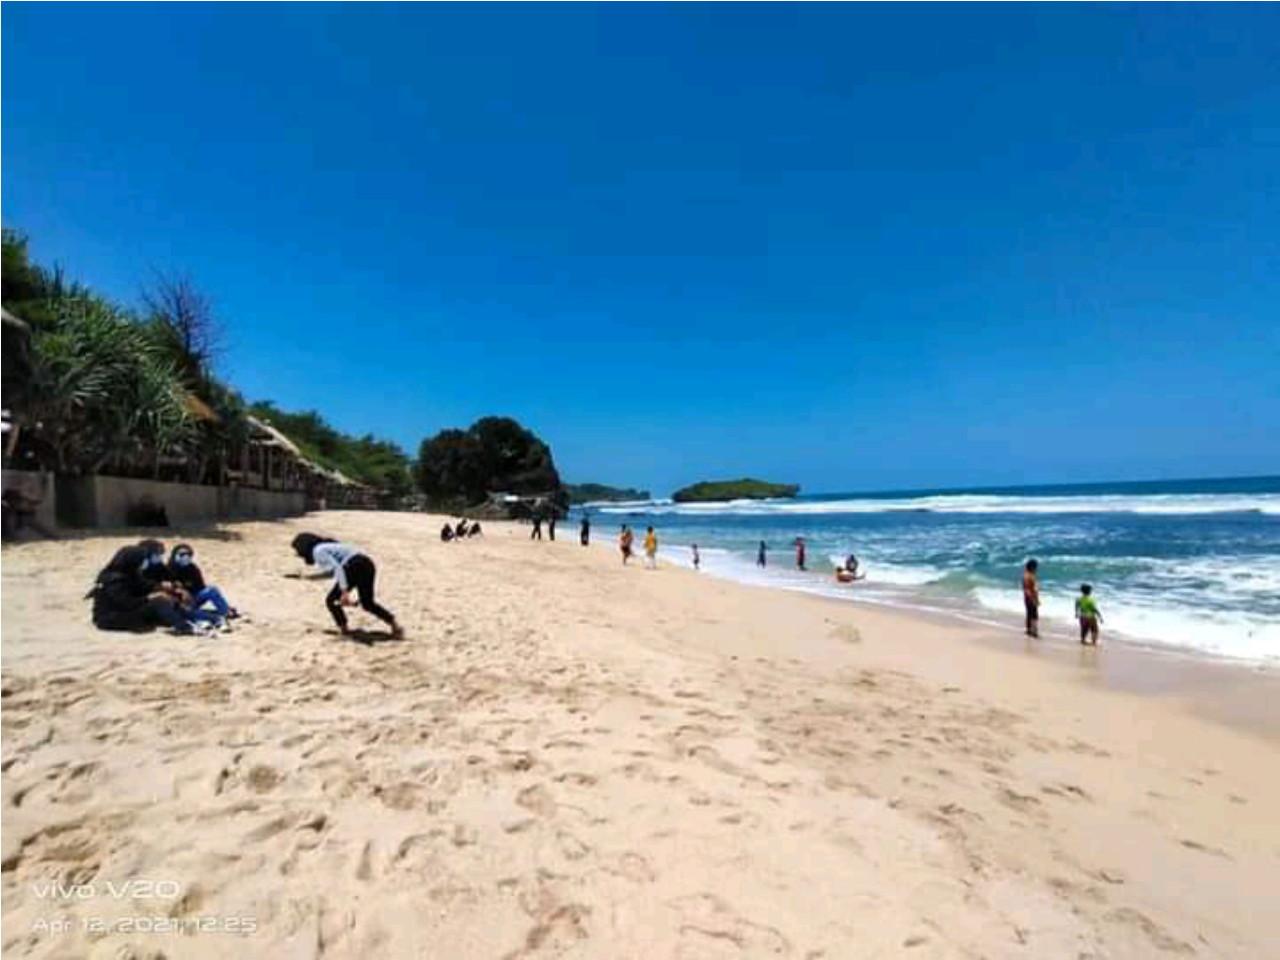 Wisata Pantai Slili Gunungkidul Terbaru